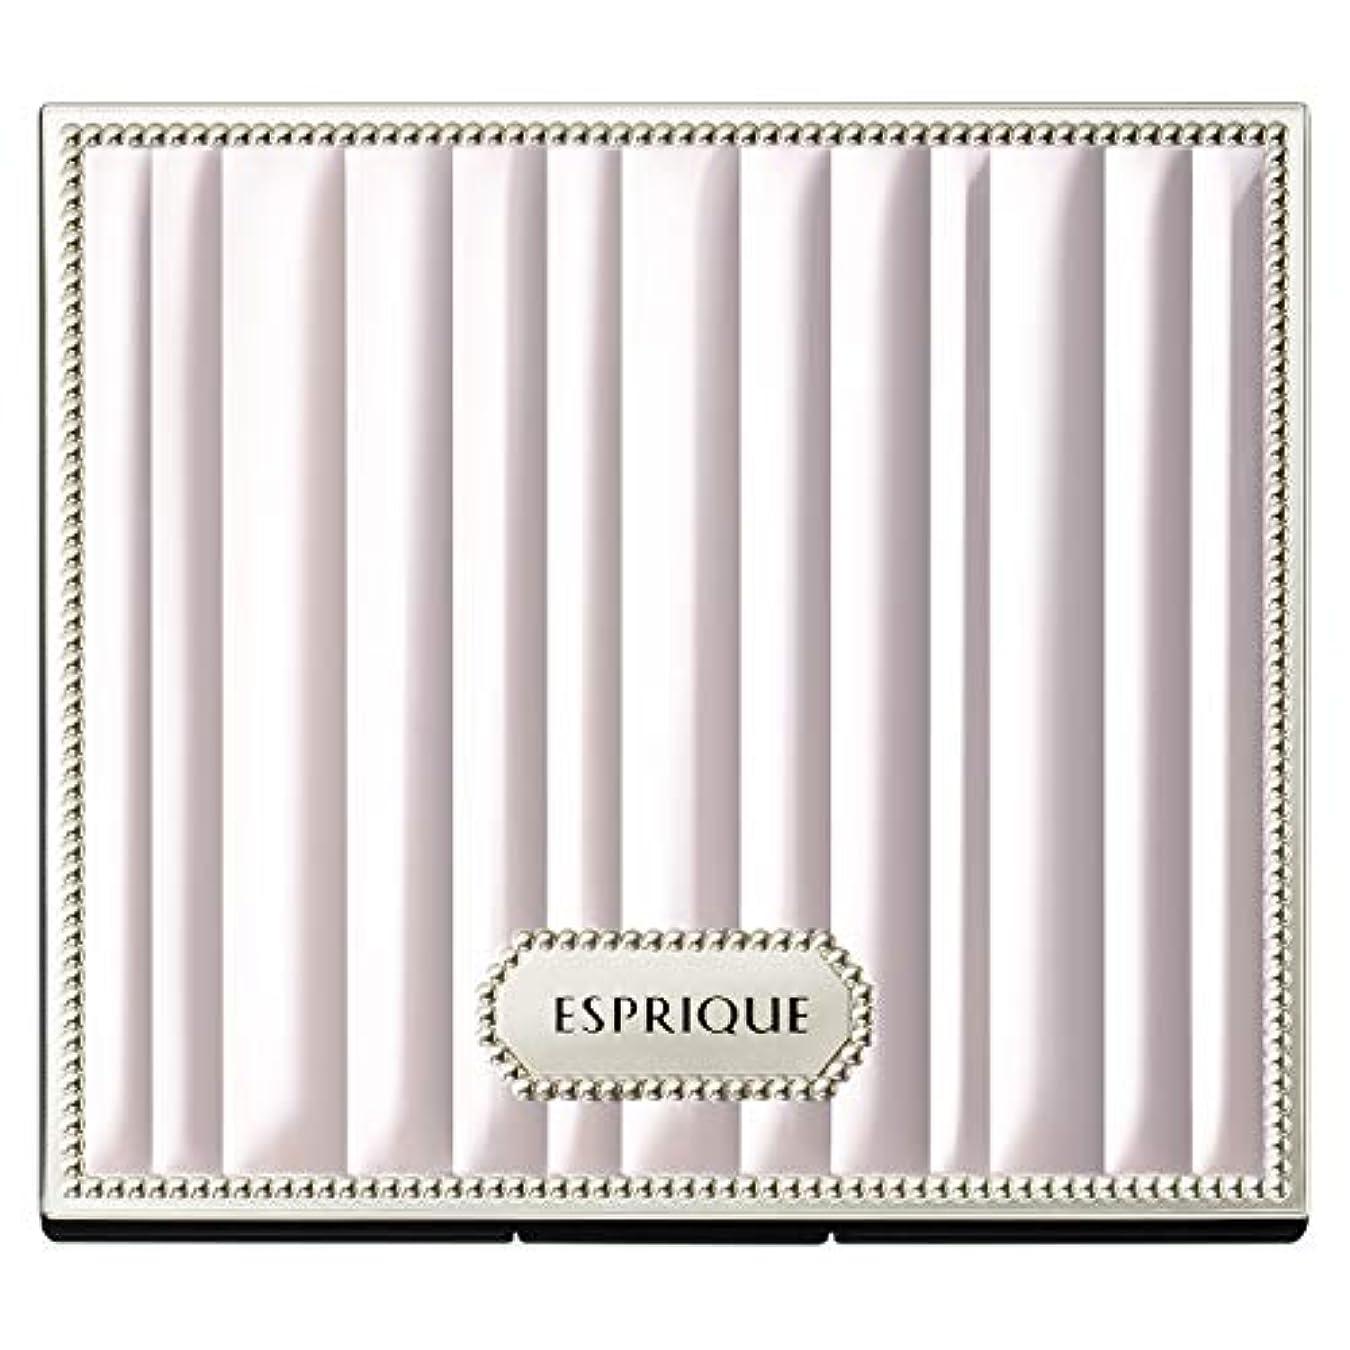 ブルームラダ実際ESPRIQUE(エスプリーク) エスプリーク アイカラー ケース N 1個